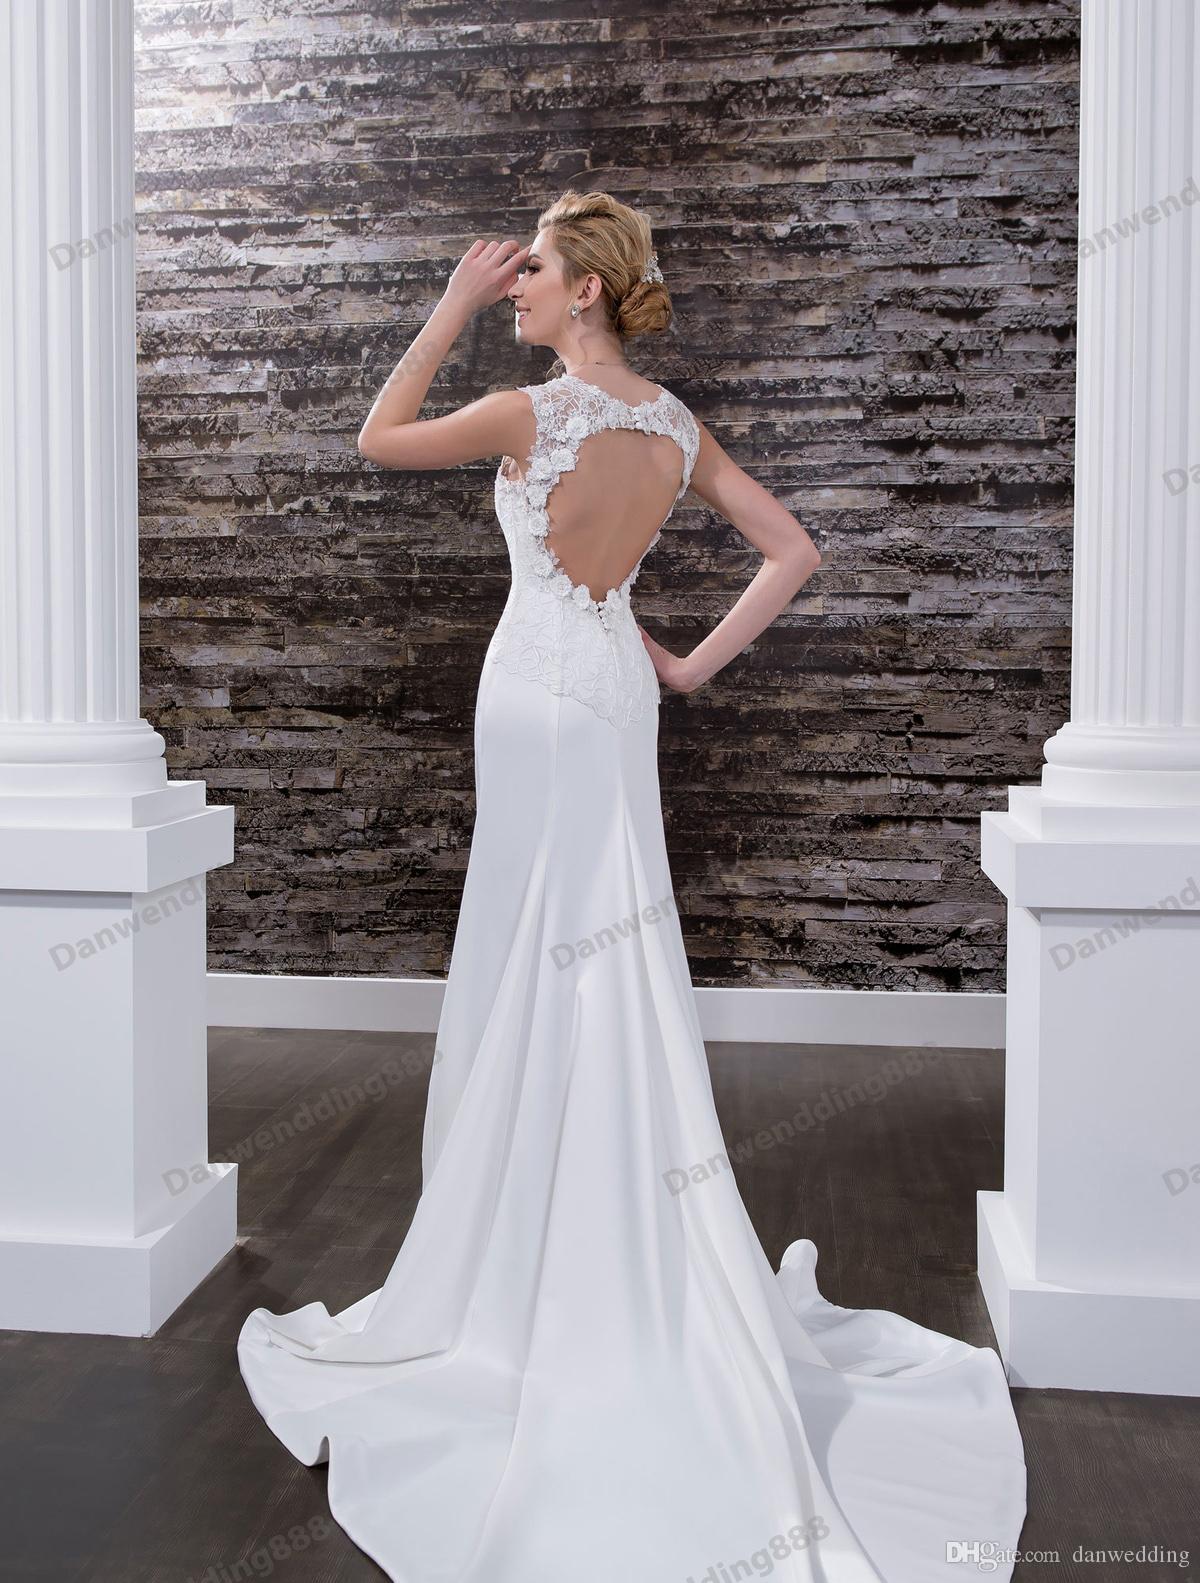 Grazia bianco raso con scollo a V sirena abiti da sposa abiti da sposa da sposa abiti da sposa abiti da sposa abiti personalizzati taglia 2-16 zw612178